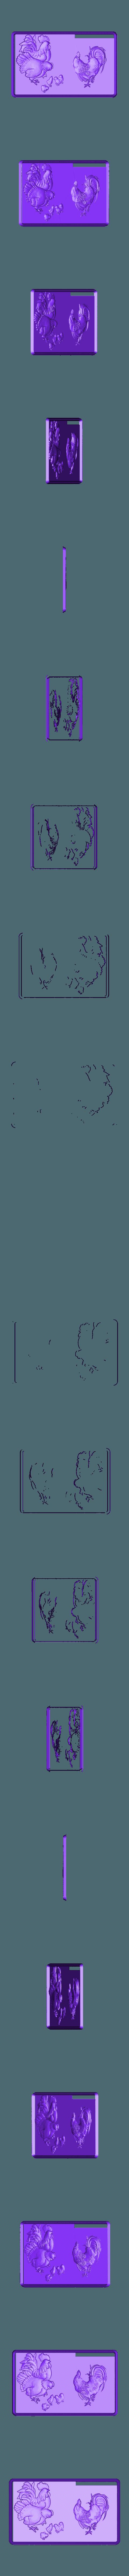 Chickens.stl Télécharger fichier STL gratuit Poulets • Objet pour impression 3D, Account-Closed